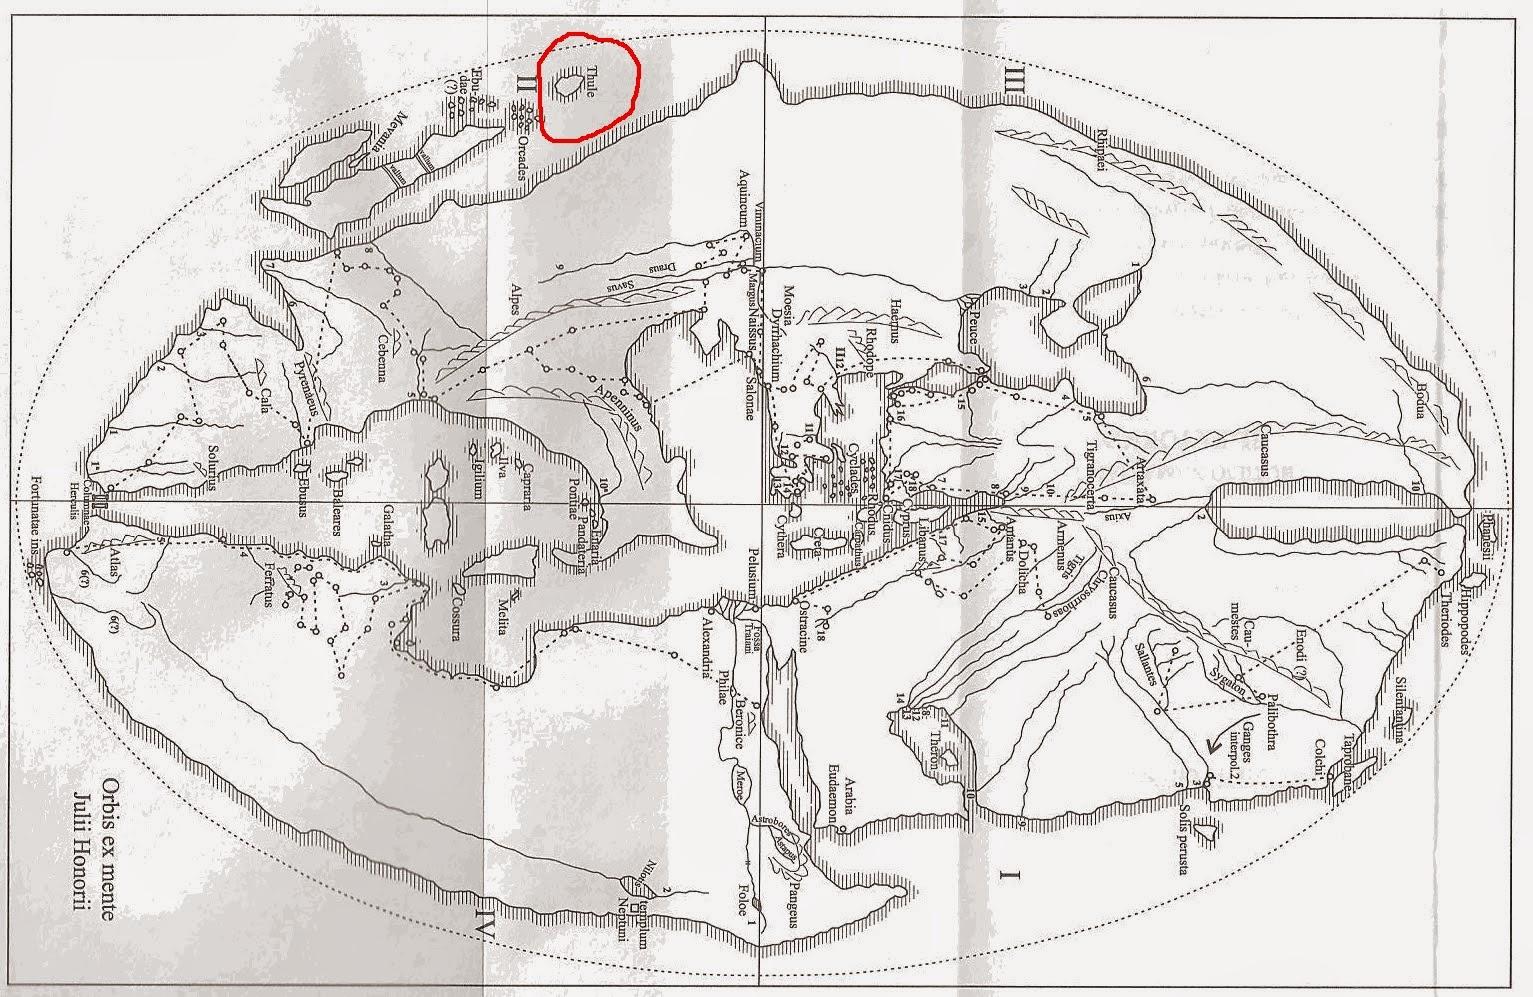 Localización de Tule en el mapa del mundo romano de Julio Honorio (s. V), según Kubitchek (1886).